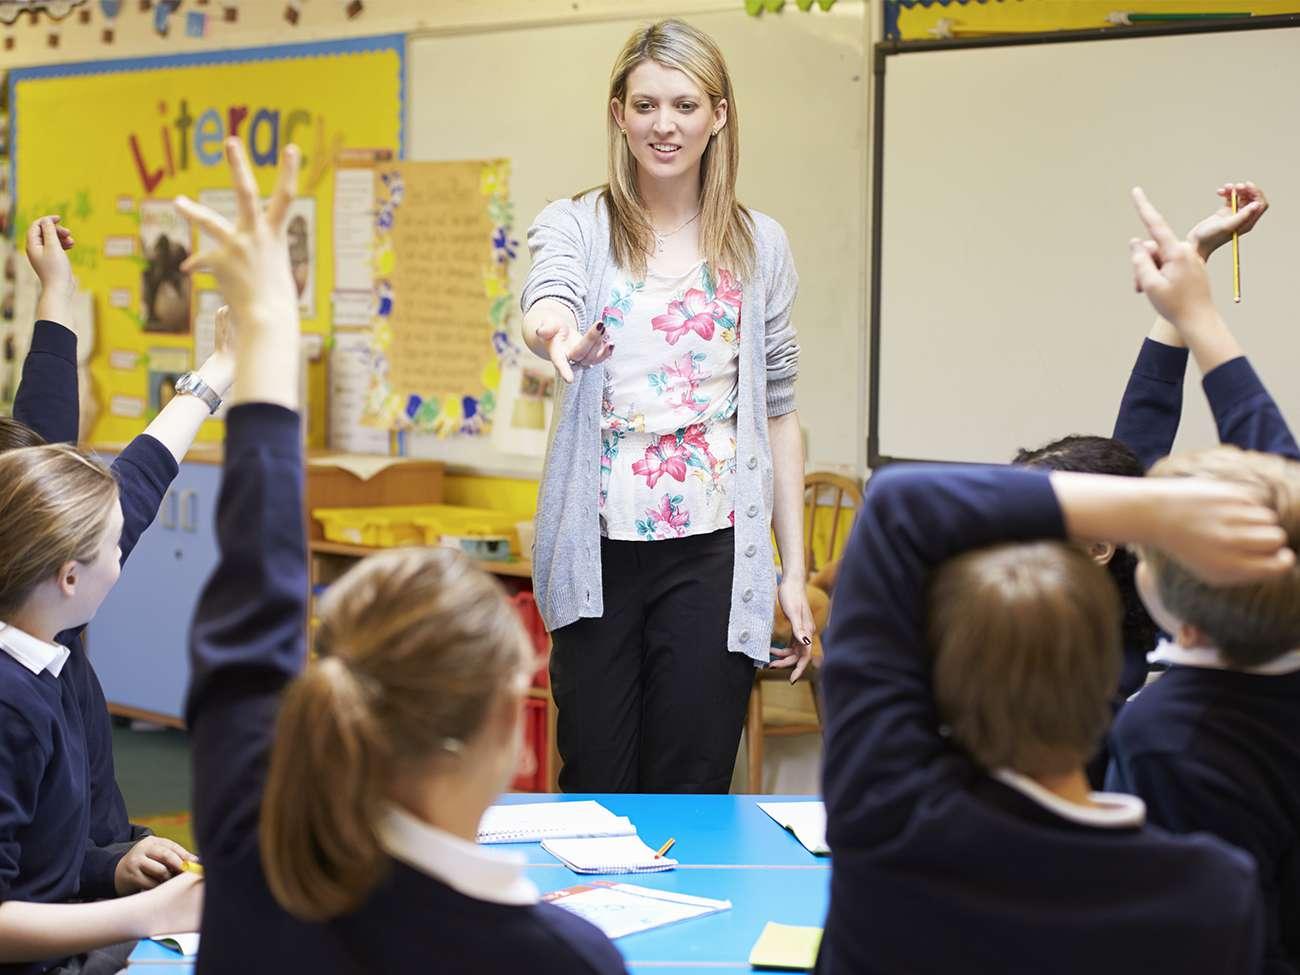 Adult (Teacher) asking school children questions